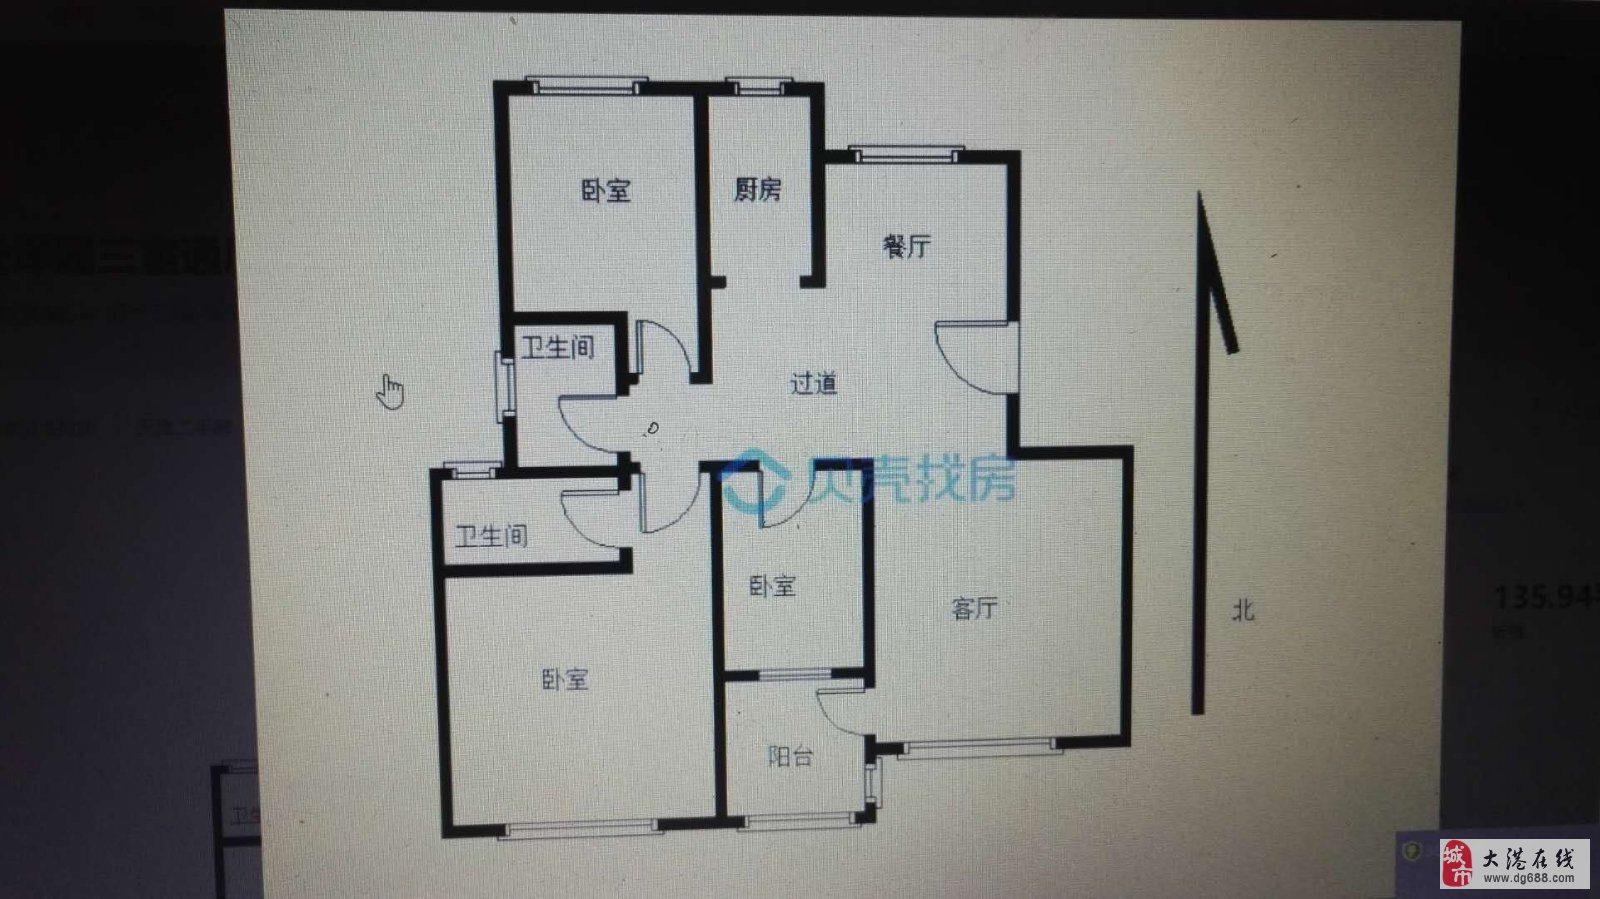 葡京娱乐网址迎宾街雅都天泽3室2厅2卫135.88平米精装修